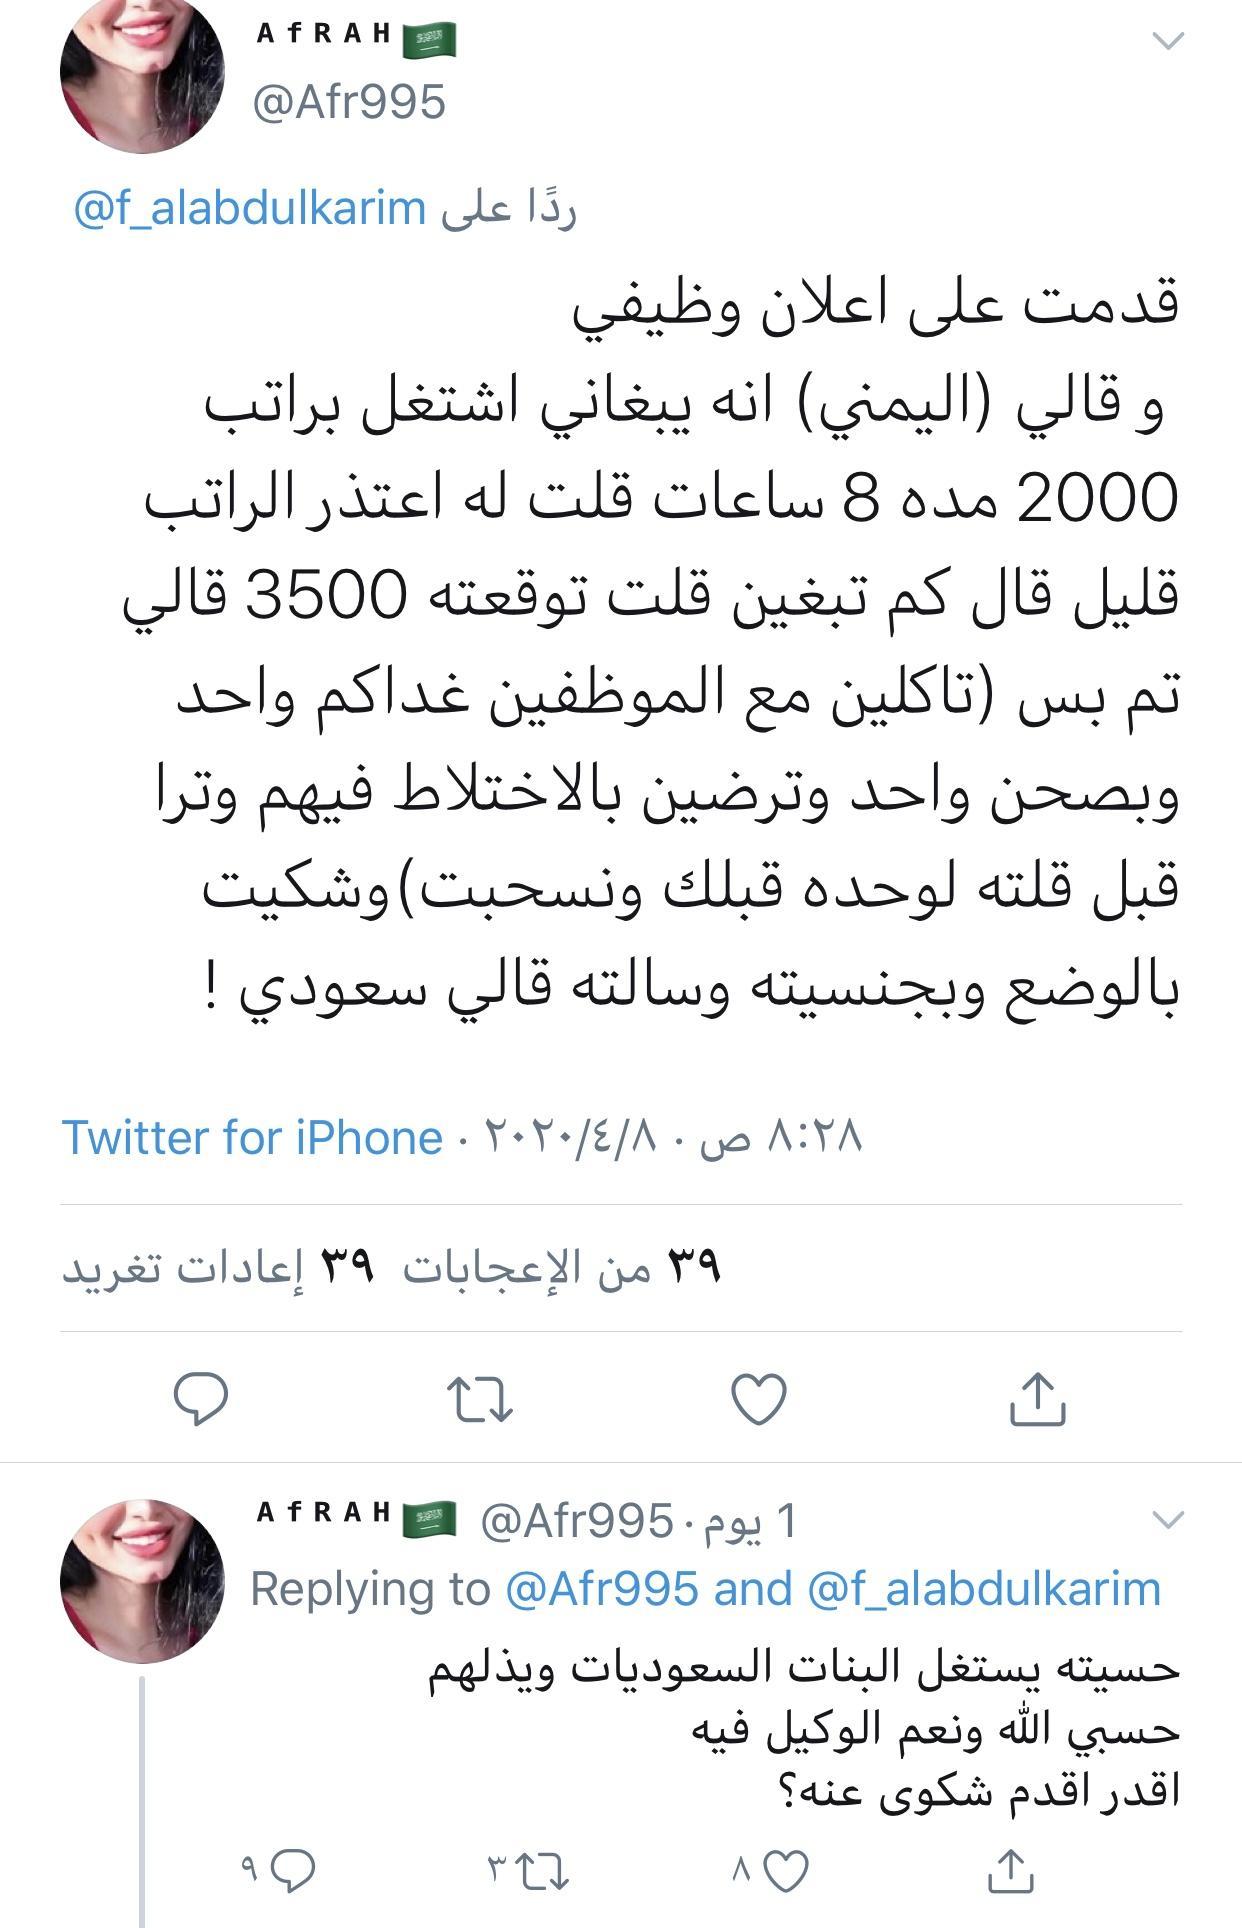 مواطنة سعودية تشتكي من مقيم يمني مشرف العمل